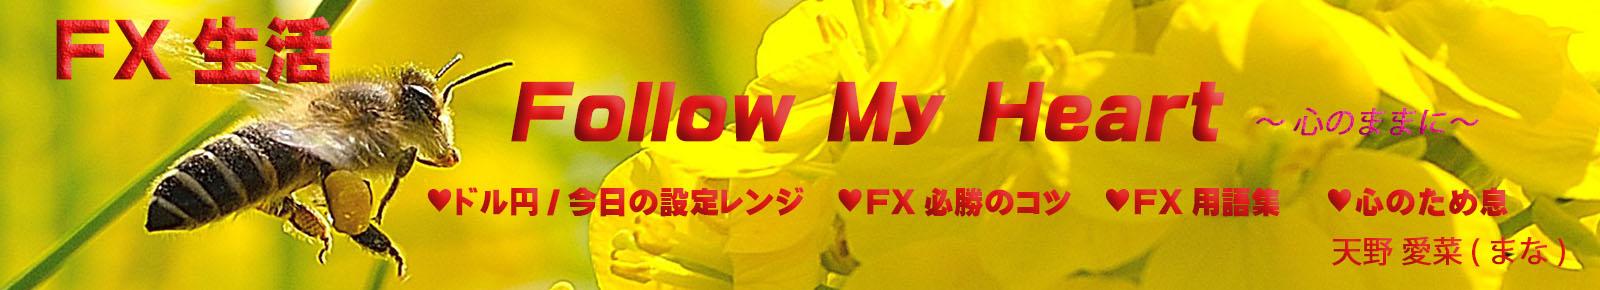 【今日のドル円】FX生活 ~心のままに~ 天野愛菜(まな)